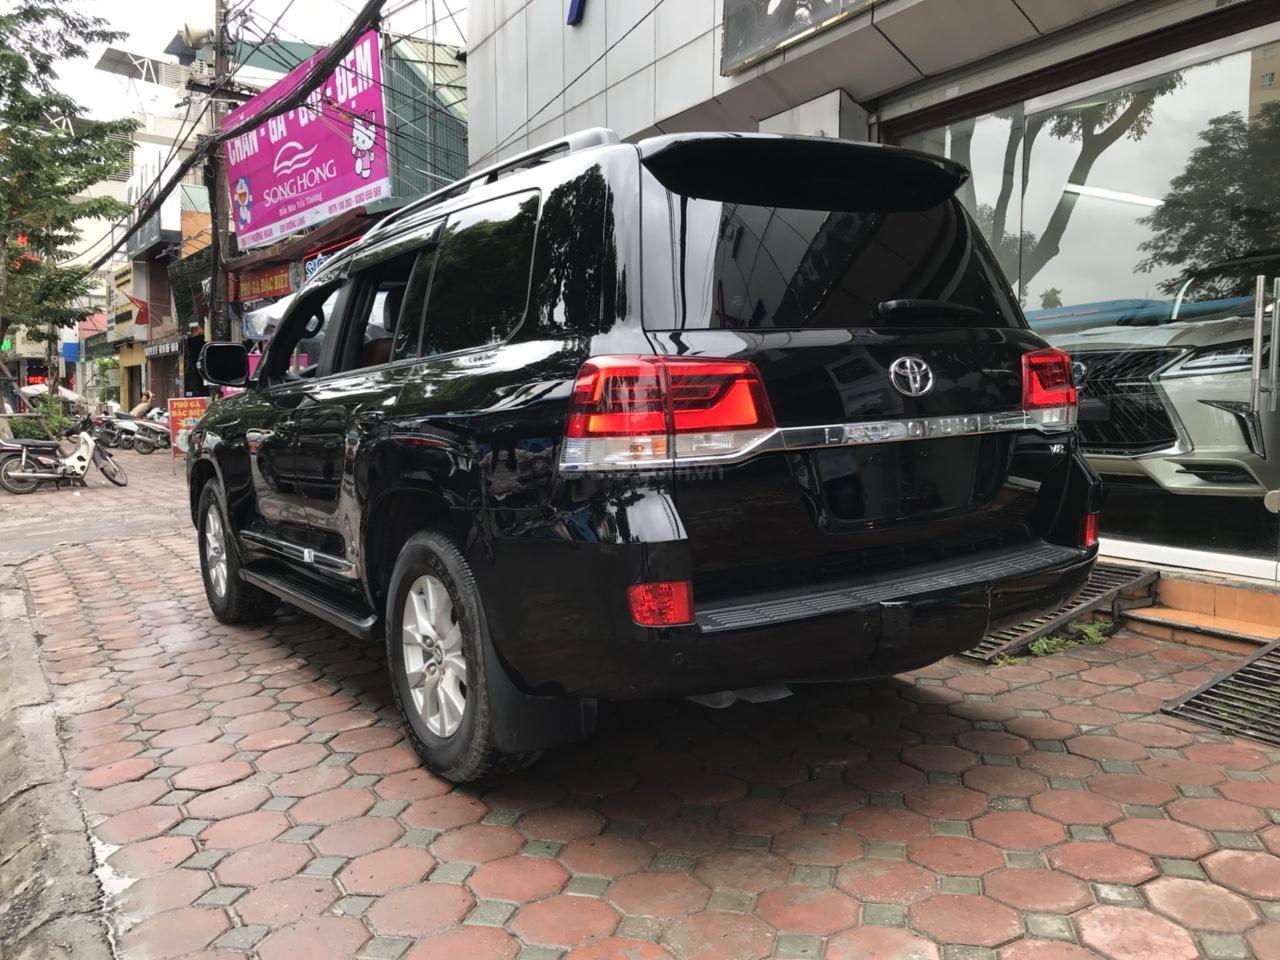 MT Auto bán Toyota Land Cruiser V8 5.7 SX 2016, xe mới 100% màu đen, xe nhập Mỹ nguyên chiếc - LH em Hương 0945392468-5